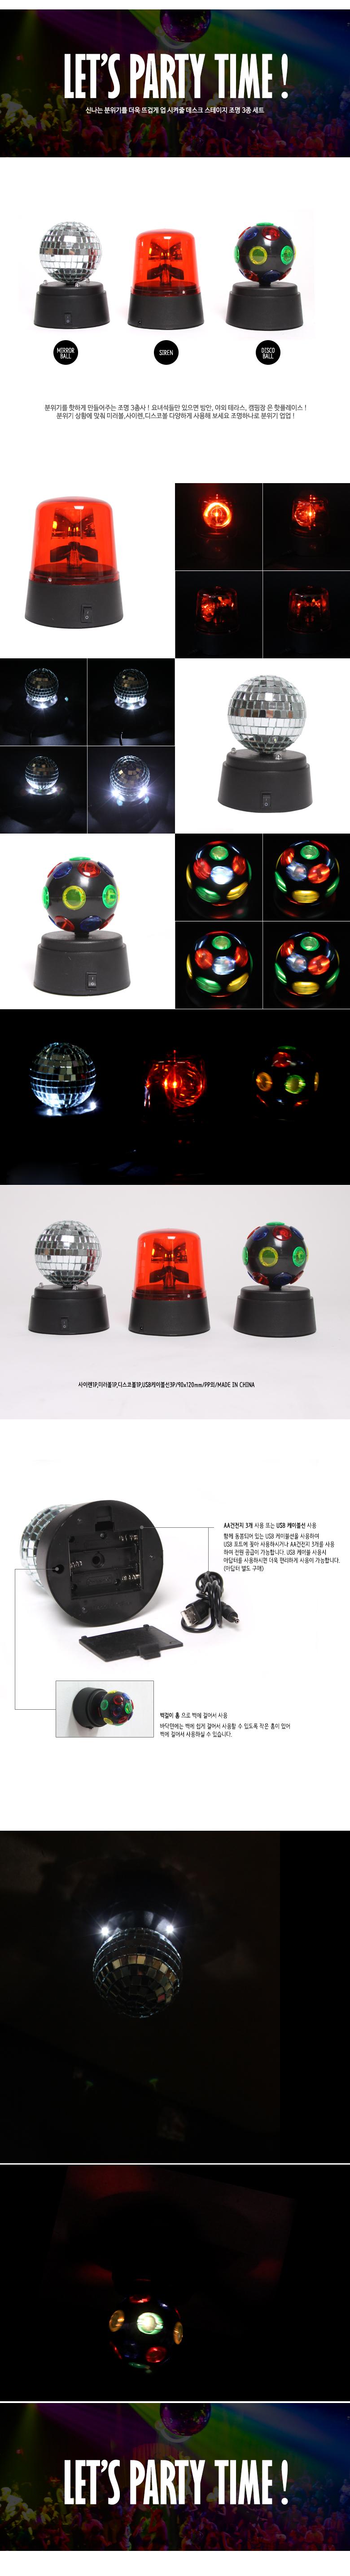 미니 미러볼 3종 파티조명 세트 - 디자인에버, 25,000원, 파티용품, 데코/장식용품